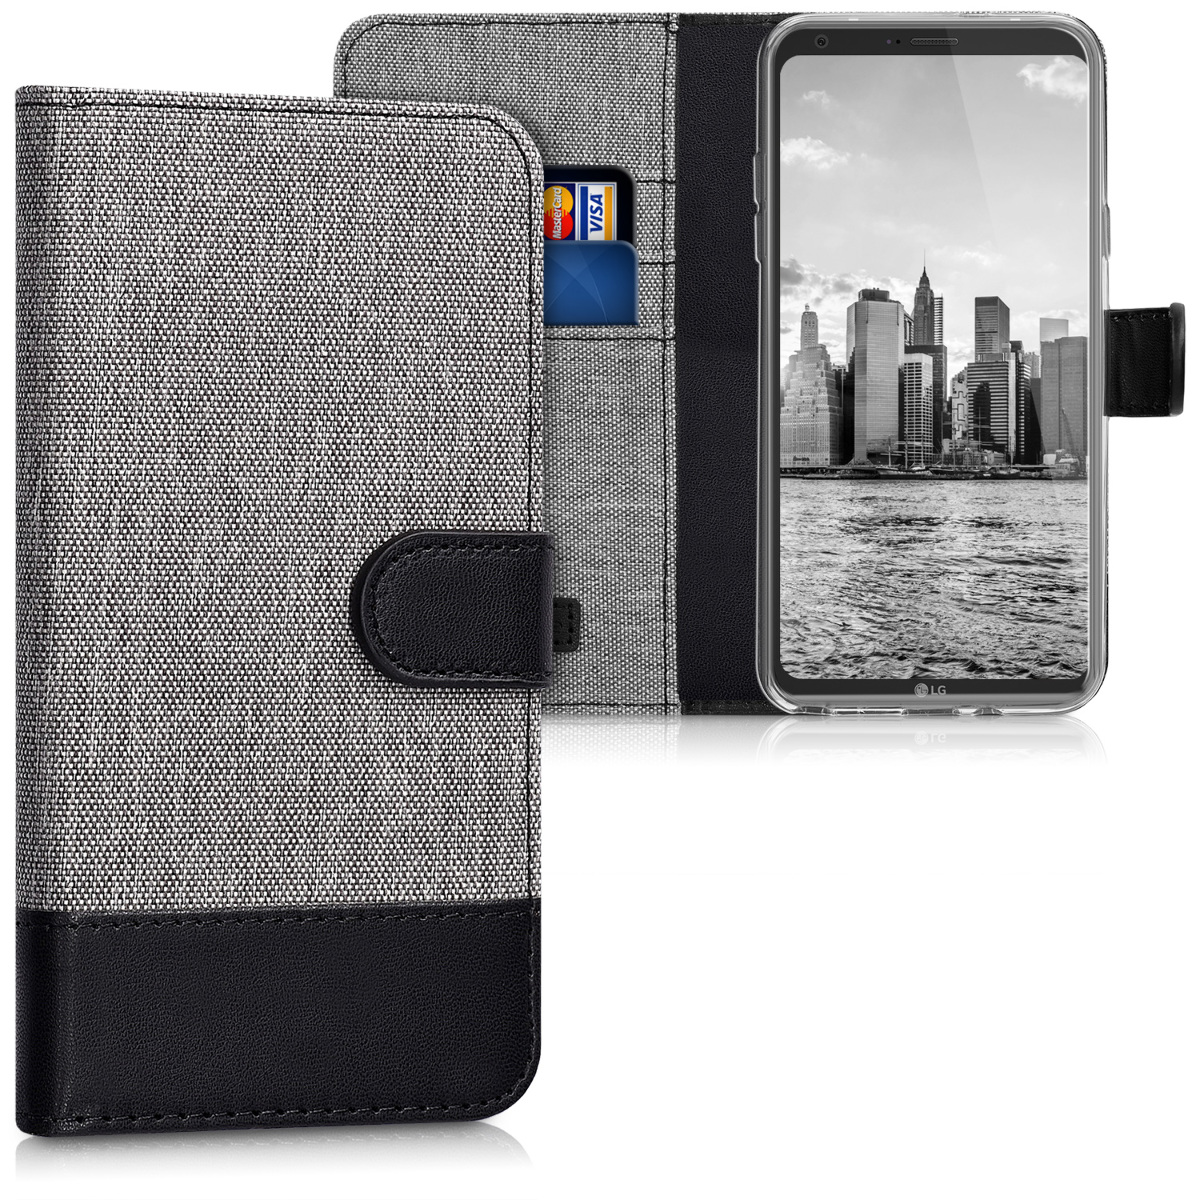 KW Θήκη Πορτοφόλι LG Q6 / Q6+ - Grey / Black (42606.22)